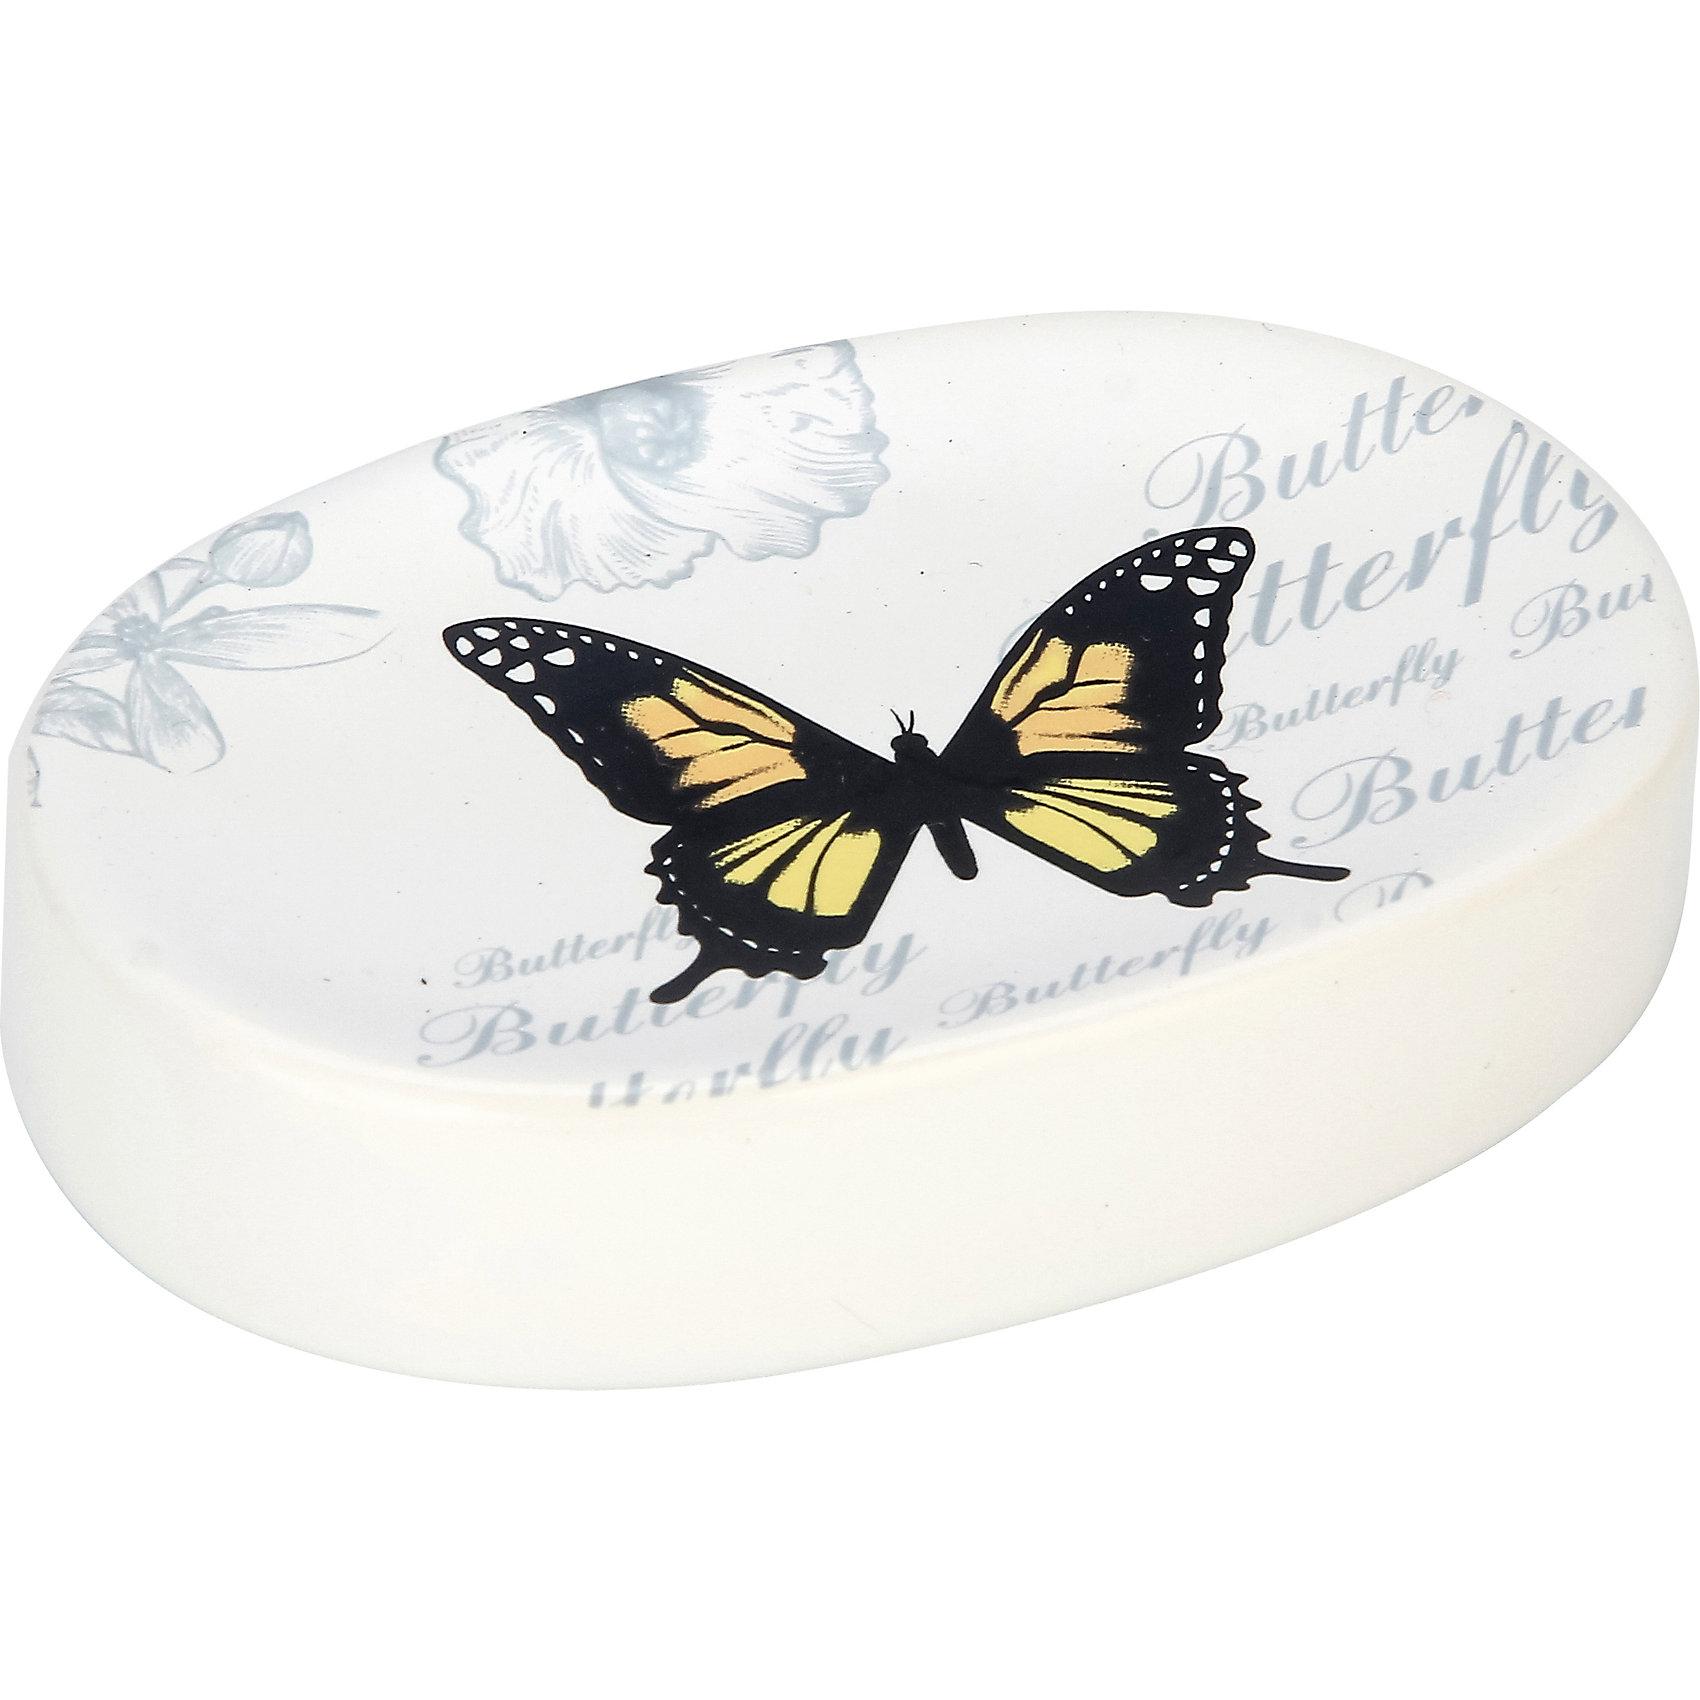 Мыльница Бабочки SD-FLY, Рыжий котВанная комната<br>Мыльница Бабочки SD-FLY, Рыжий кот<br><br>Характеристики:<br><br>• привлекательный дизайн<br>• размер: 11,3х8,1х2,4 см<br>• материал: керамика<br><br>Мыльница Бабочки станет полезным аксессуаром и оригинальным украшением для вашей ванной комнаты. Она изготовлена из керамики и имеет овальную форму. Поверхность оформлена изображением бабочки. Мыльница легко очищается.<br><br>Мыльницу Бабочки SD-FLY, Рыжий кот вы можете купить в нашем интернет-магазине.<br><br>Ширина мм: 110<br>Глубина мм: 80<br>Высота мм: 20<br>Вес г: 153<br>Возраст от месяцев: 12<br>Возраст до месяцев: 216<br>Пол: Унисекс<br>Возраст: Детский<br>SKU: 5454075